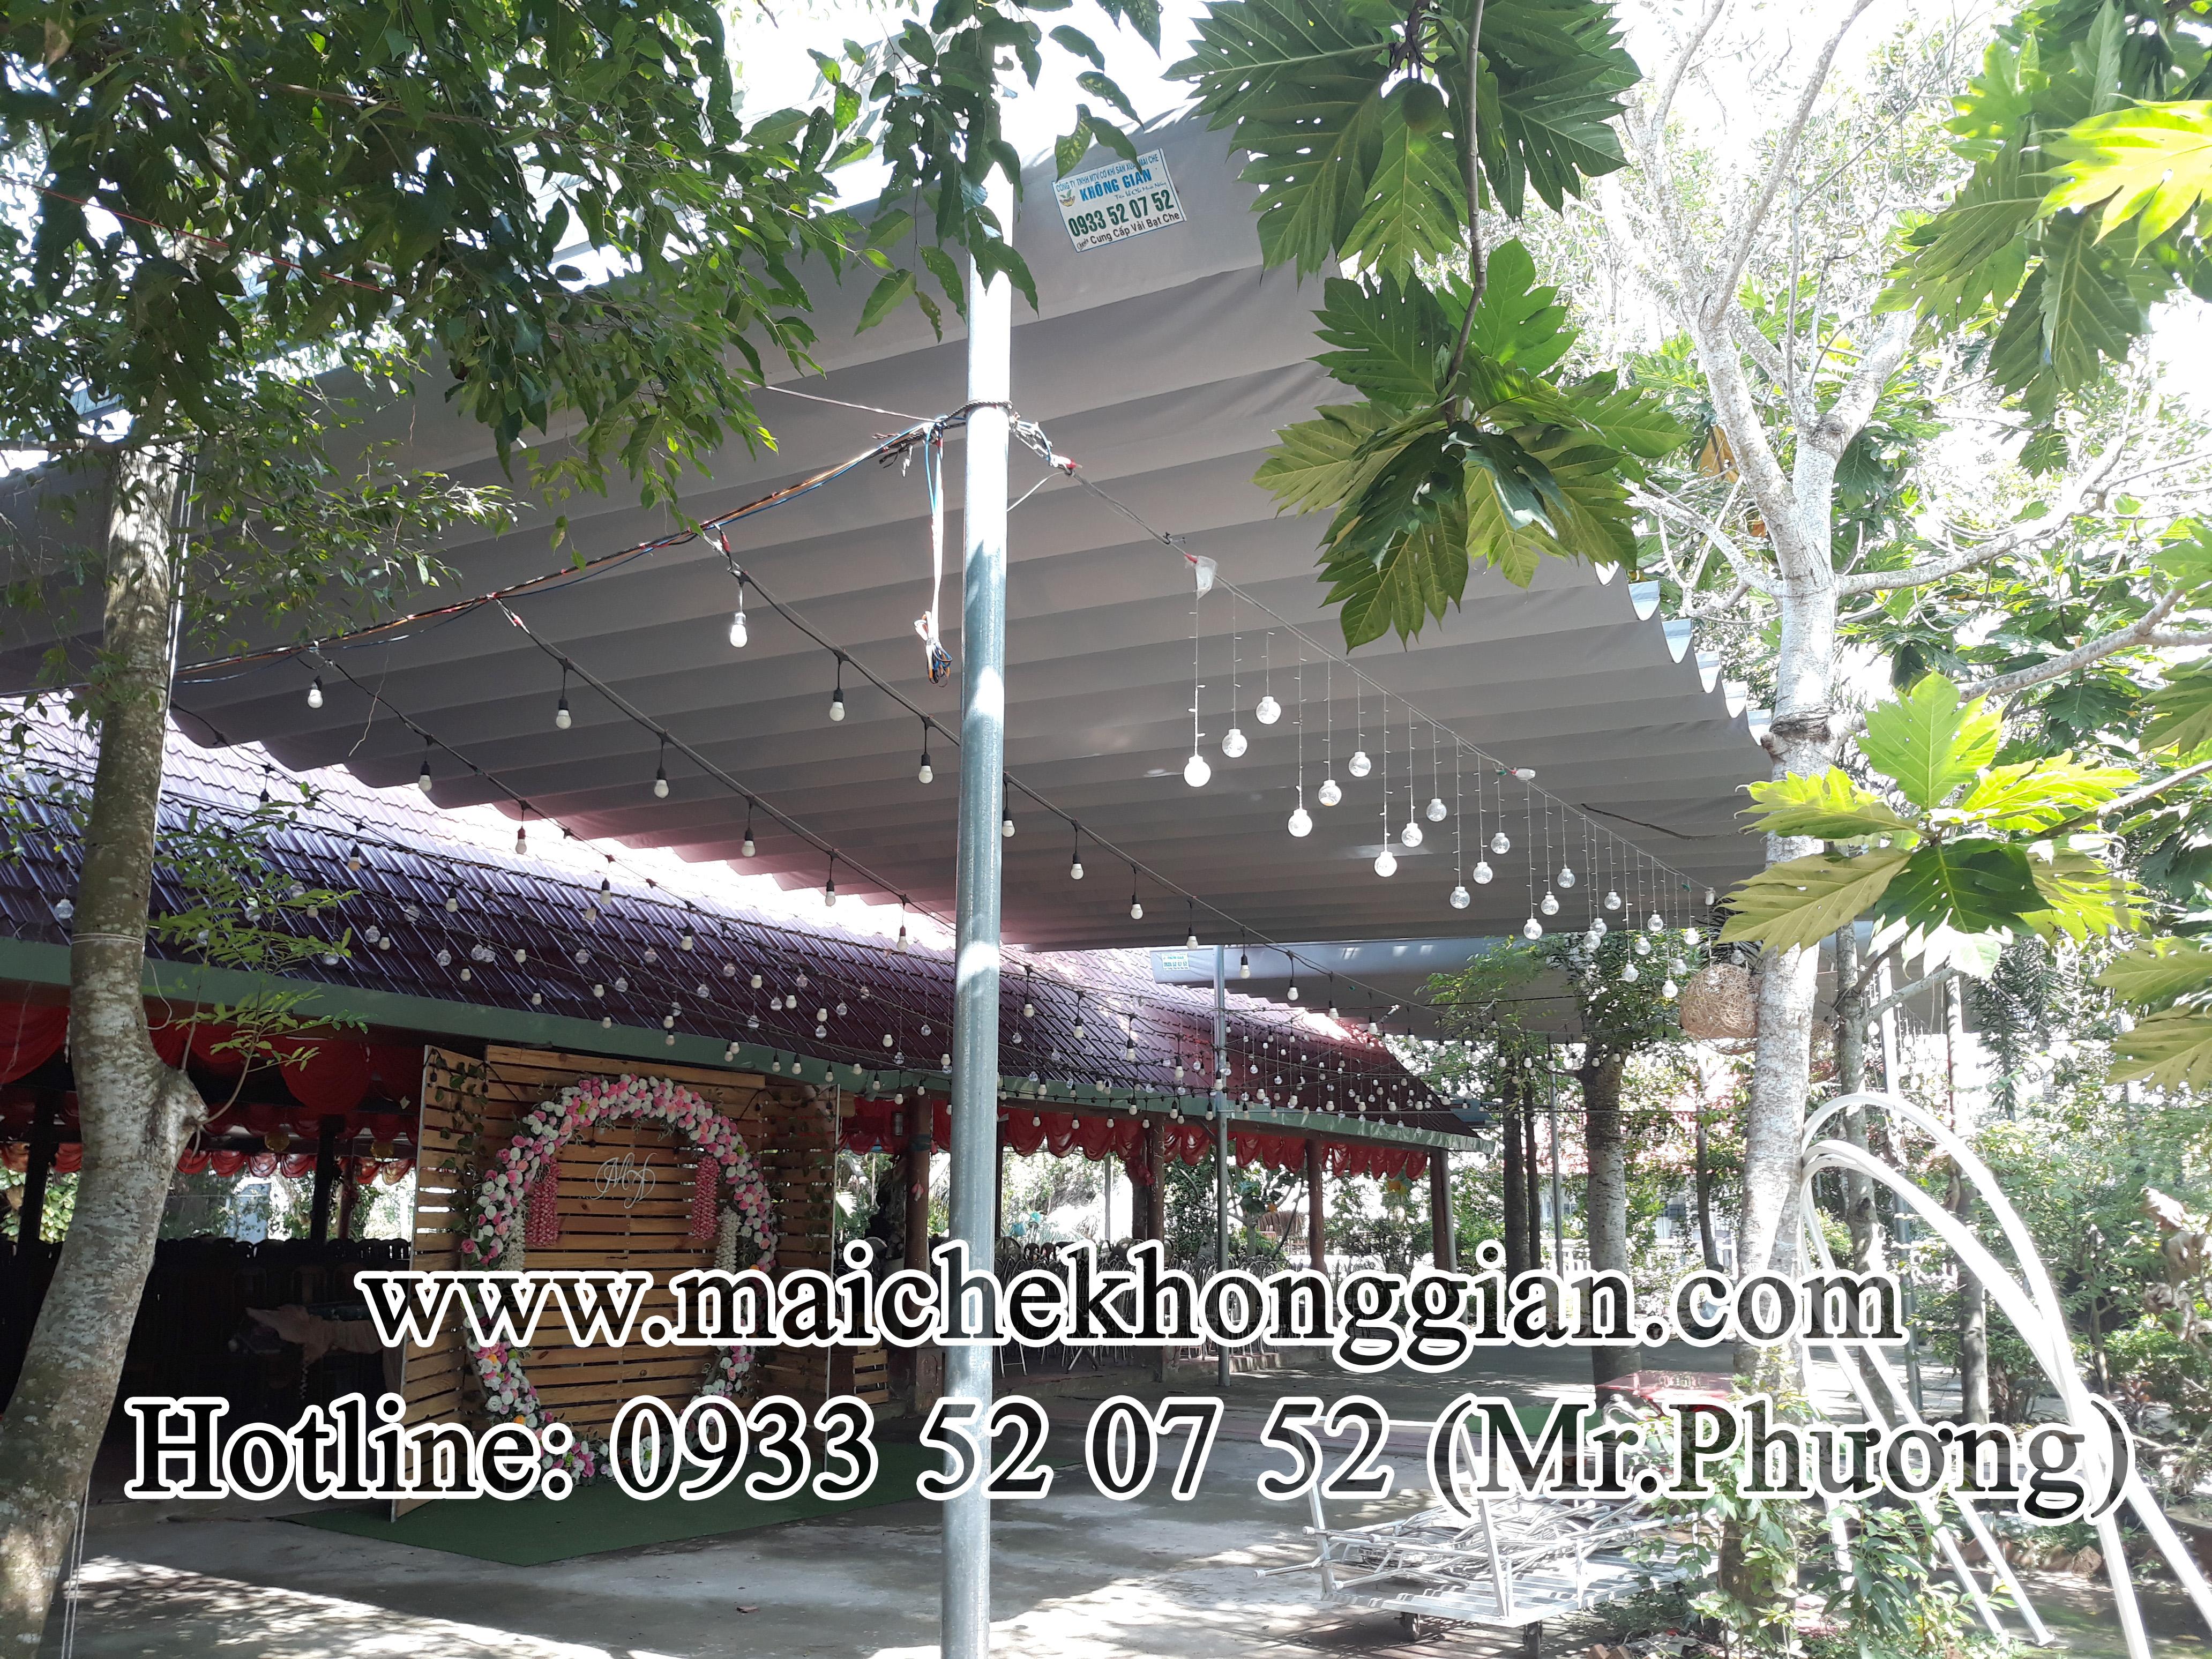 Thay bạt mái che Quận Bình Chánh TP Hồ Chí Minh